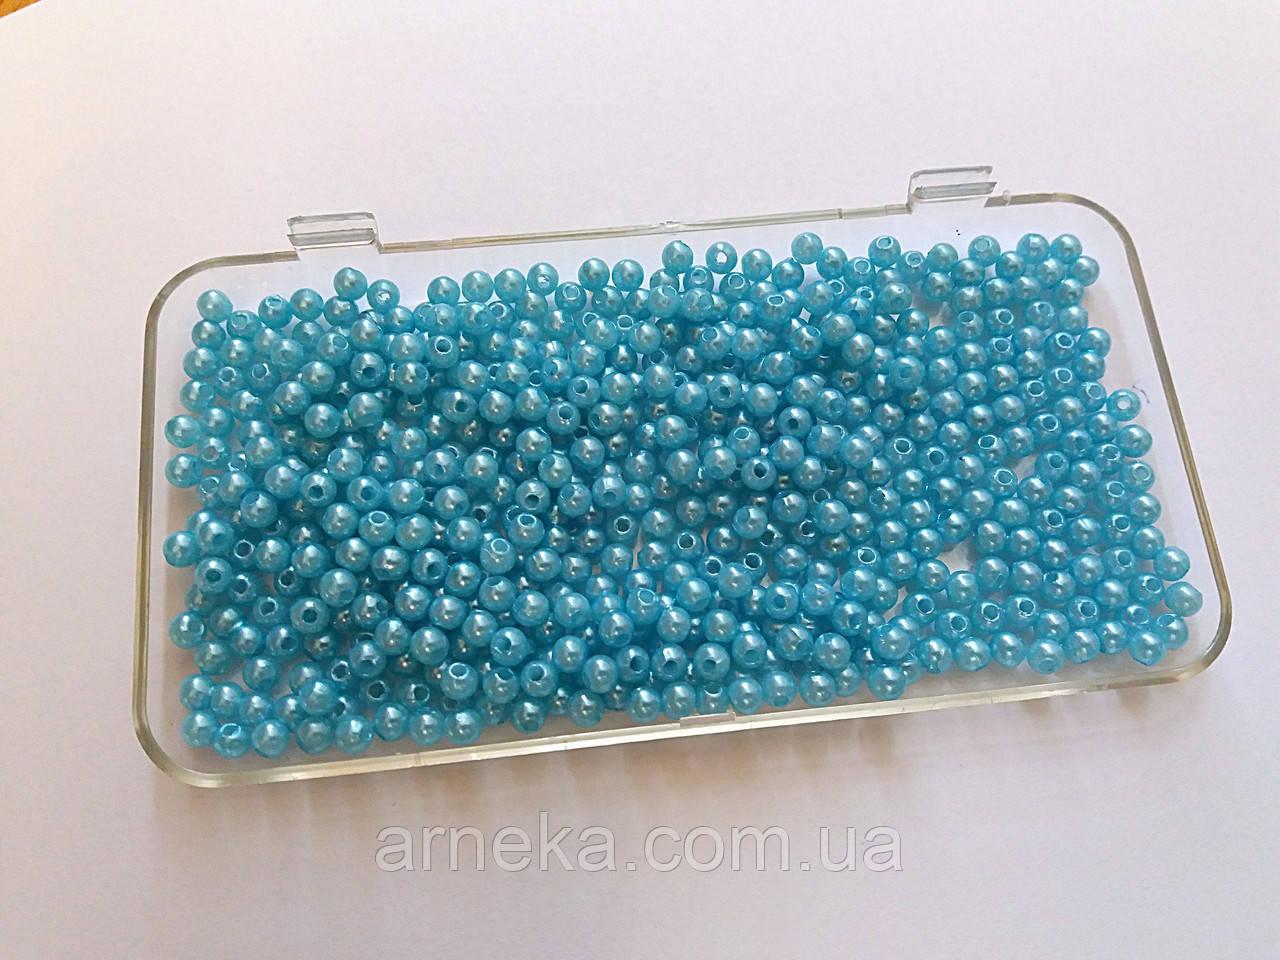 Бусинки 0,4 см голубые 100 шт